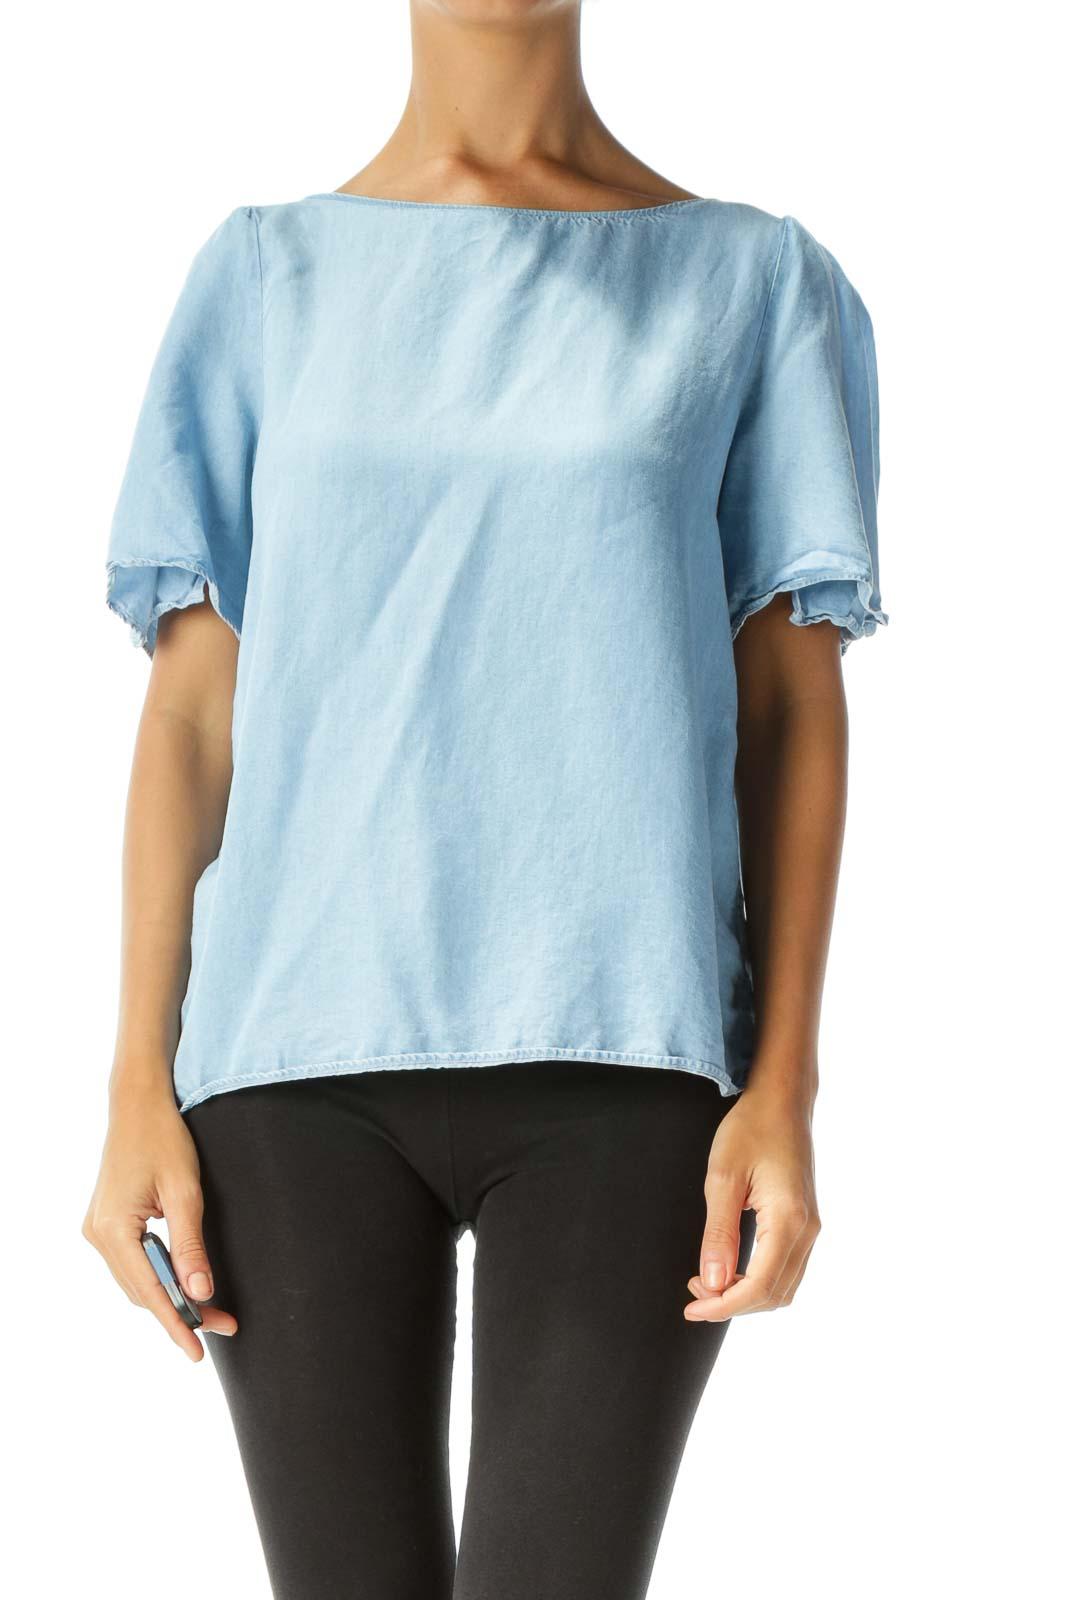 Blue Mock-Denim Slitted-Sleeves Back-Tie Blouse Front